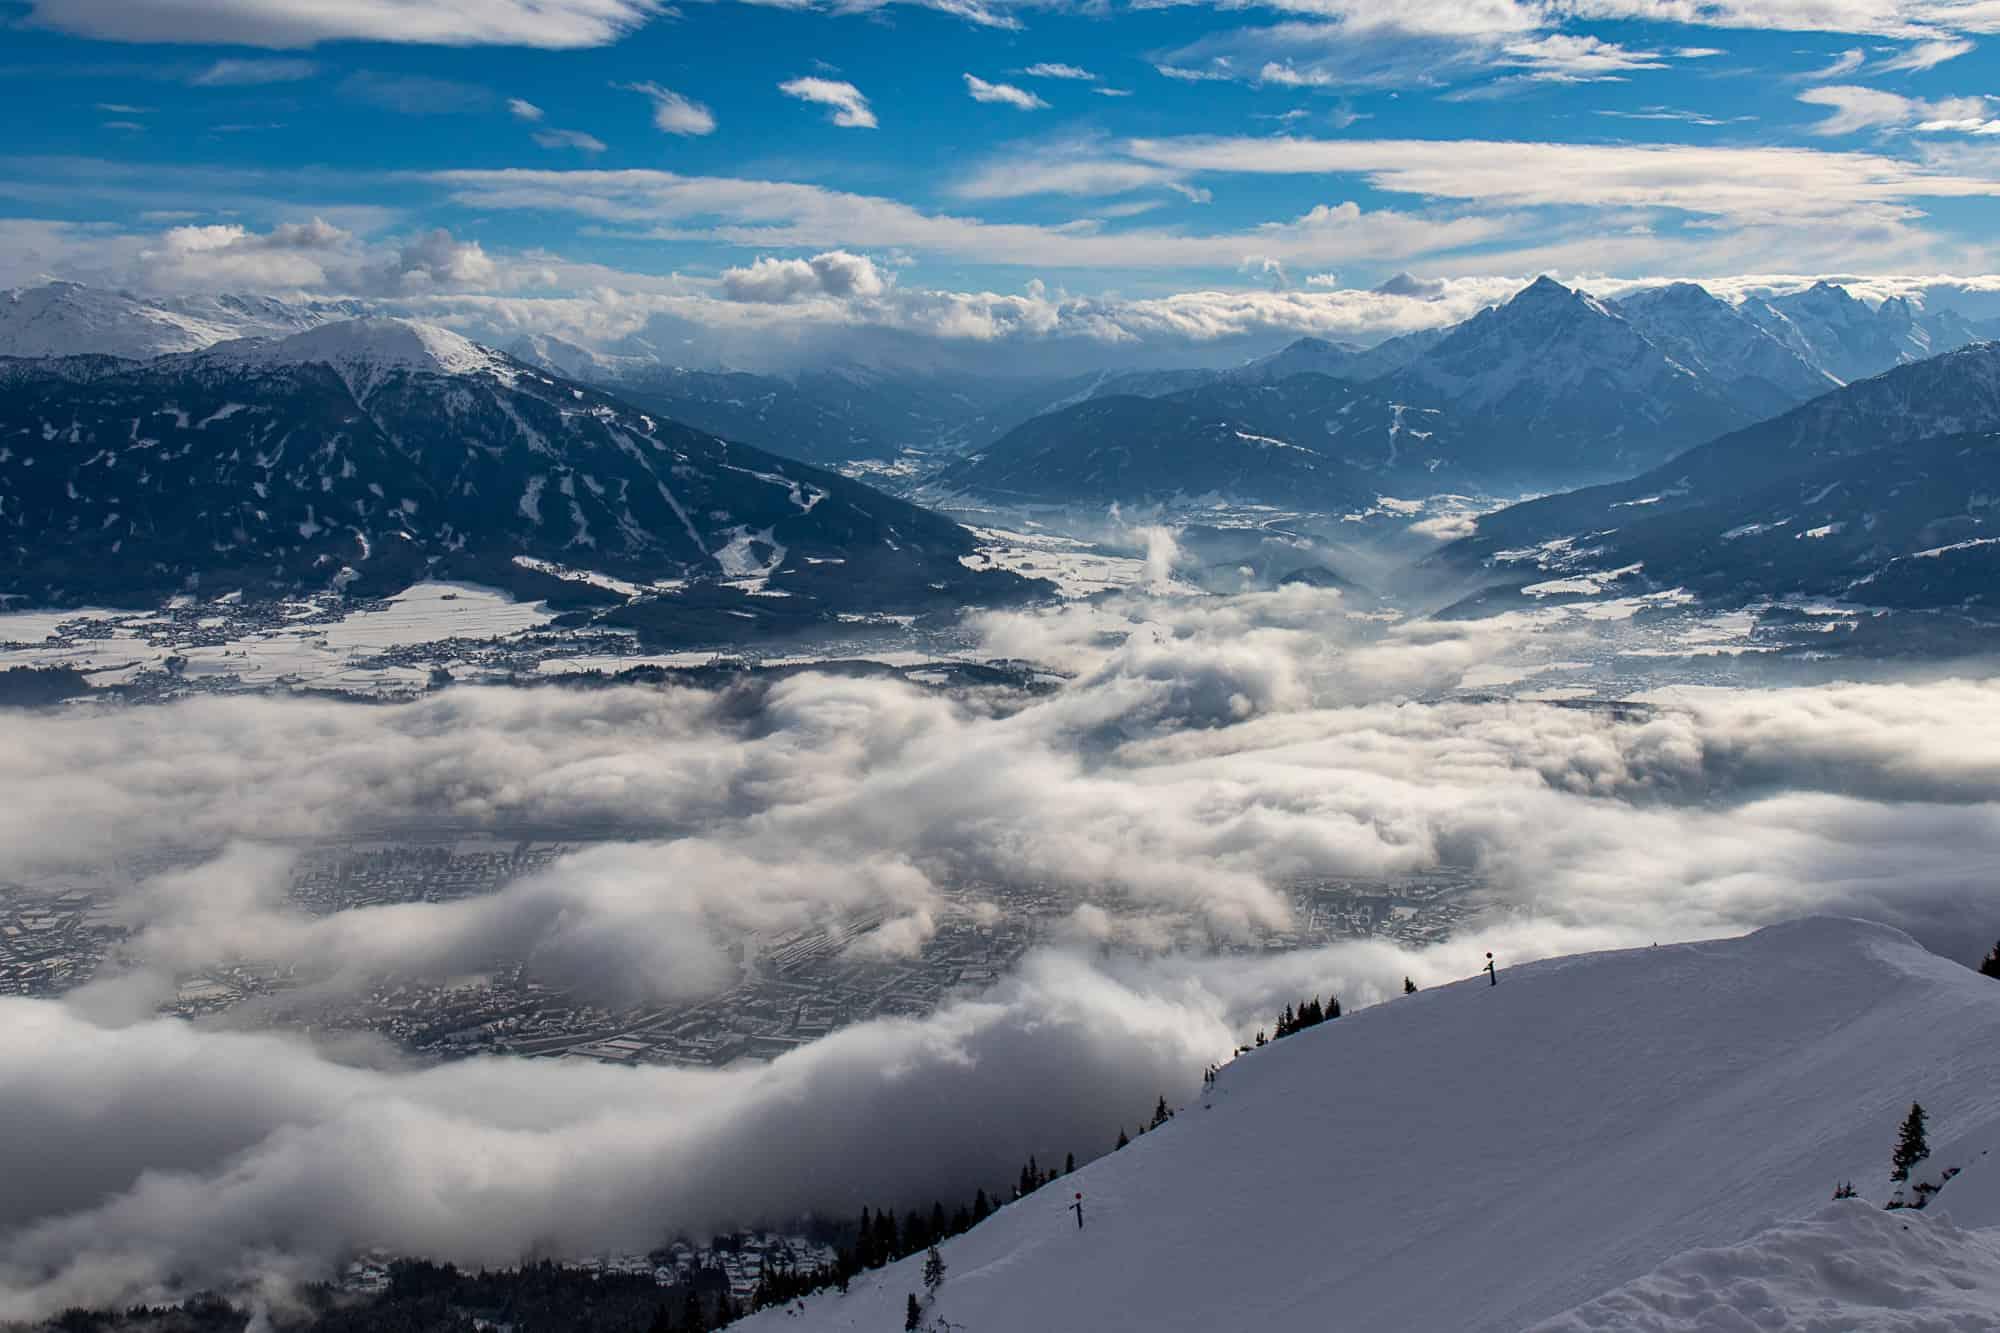 Flüge: zum Ski fahren oder Wandern nach Innsbruck/Salzburg von Berlin mit easyjet (JAN-JUN)